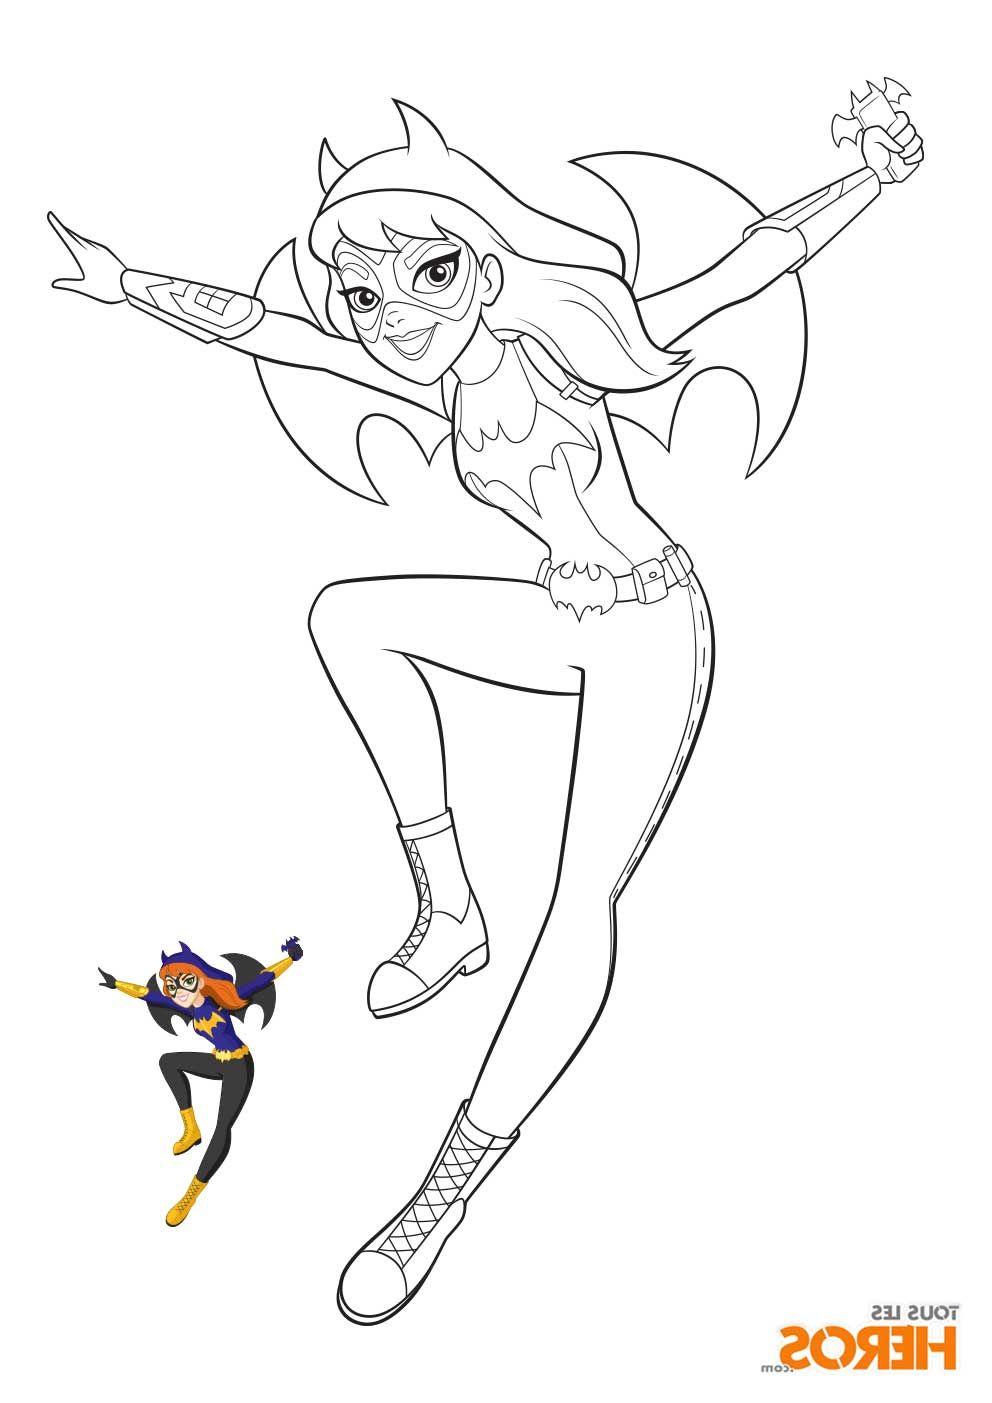 15 Meilleur De Coloriage Super Heros Girl Collection Superhero Coloring Pages Superhero Coloring Princess Coloring Pages